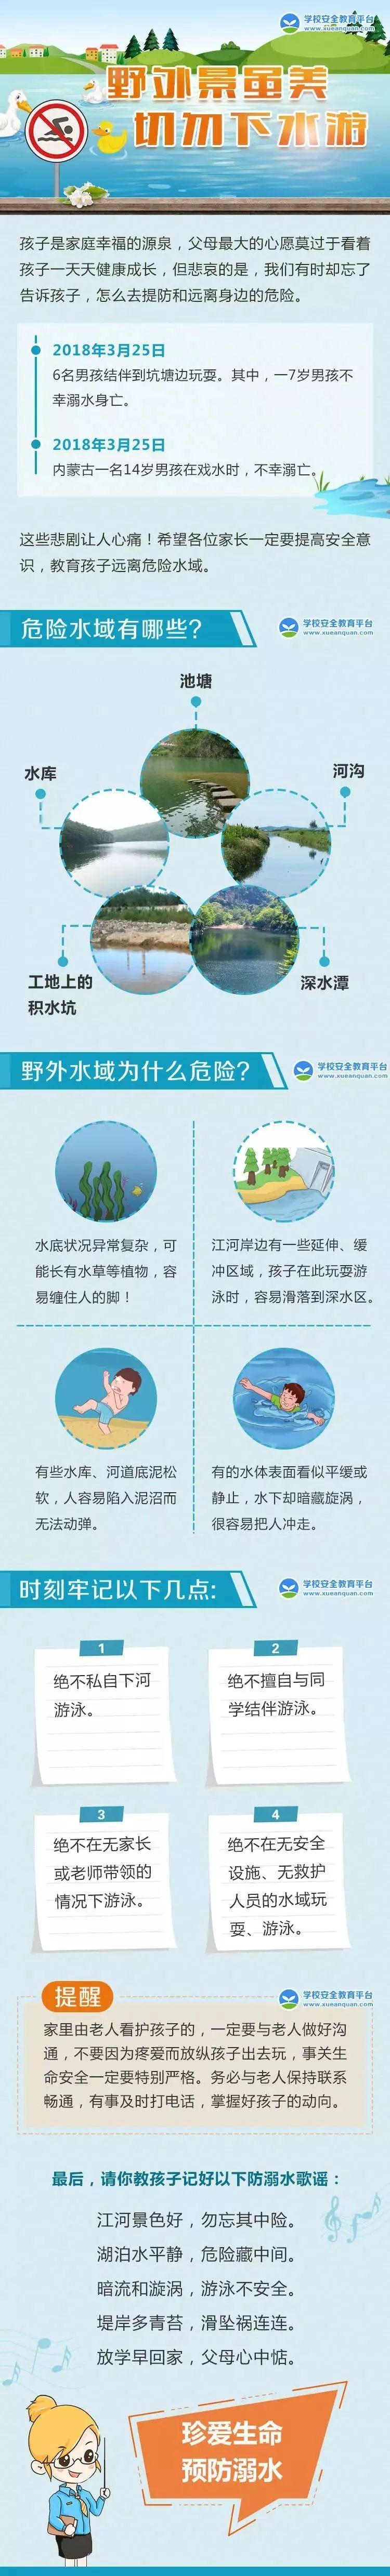 预防溺水!2018年最权威的安全教育!